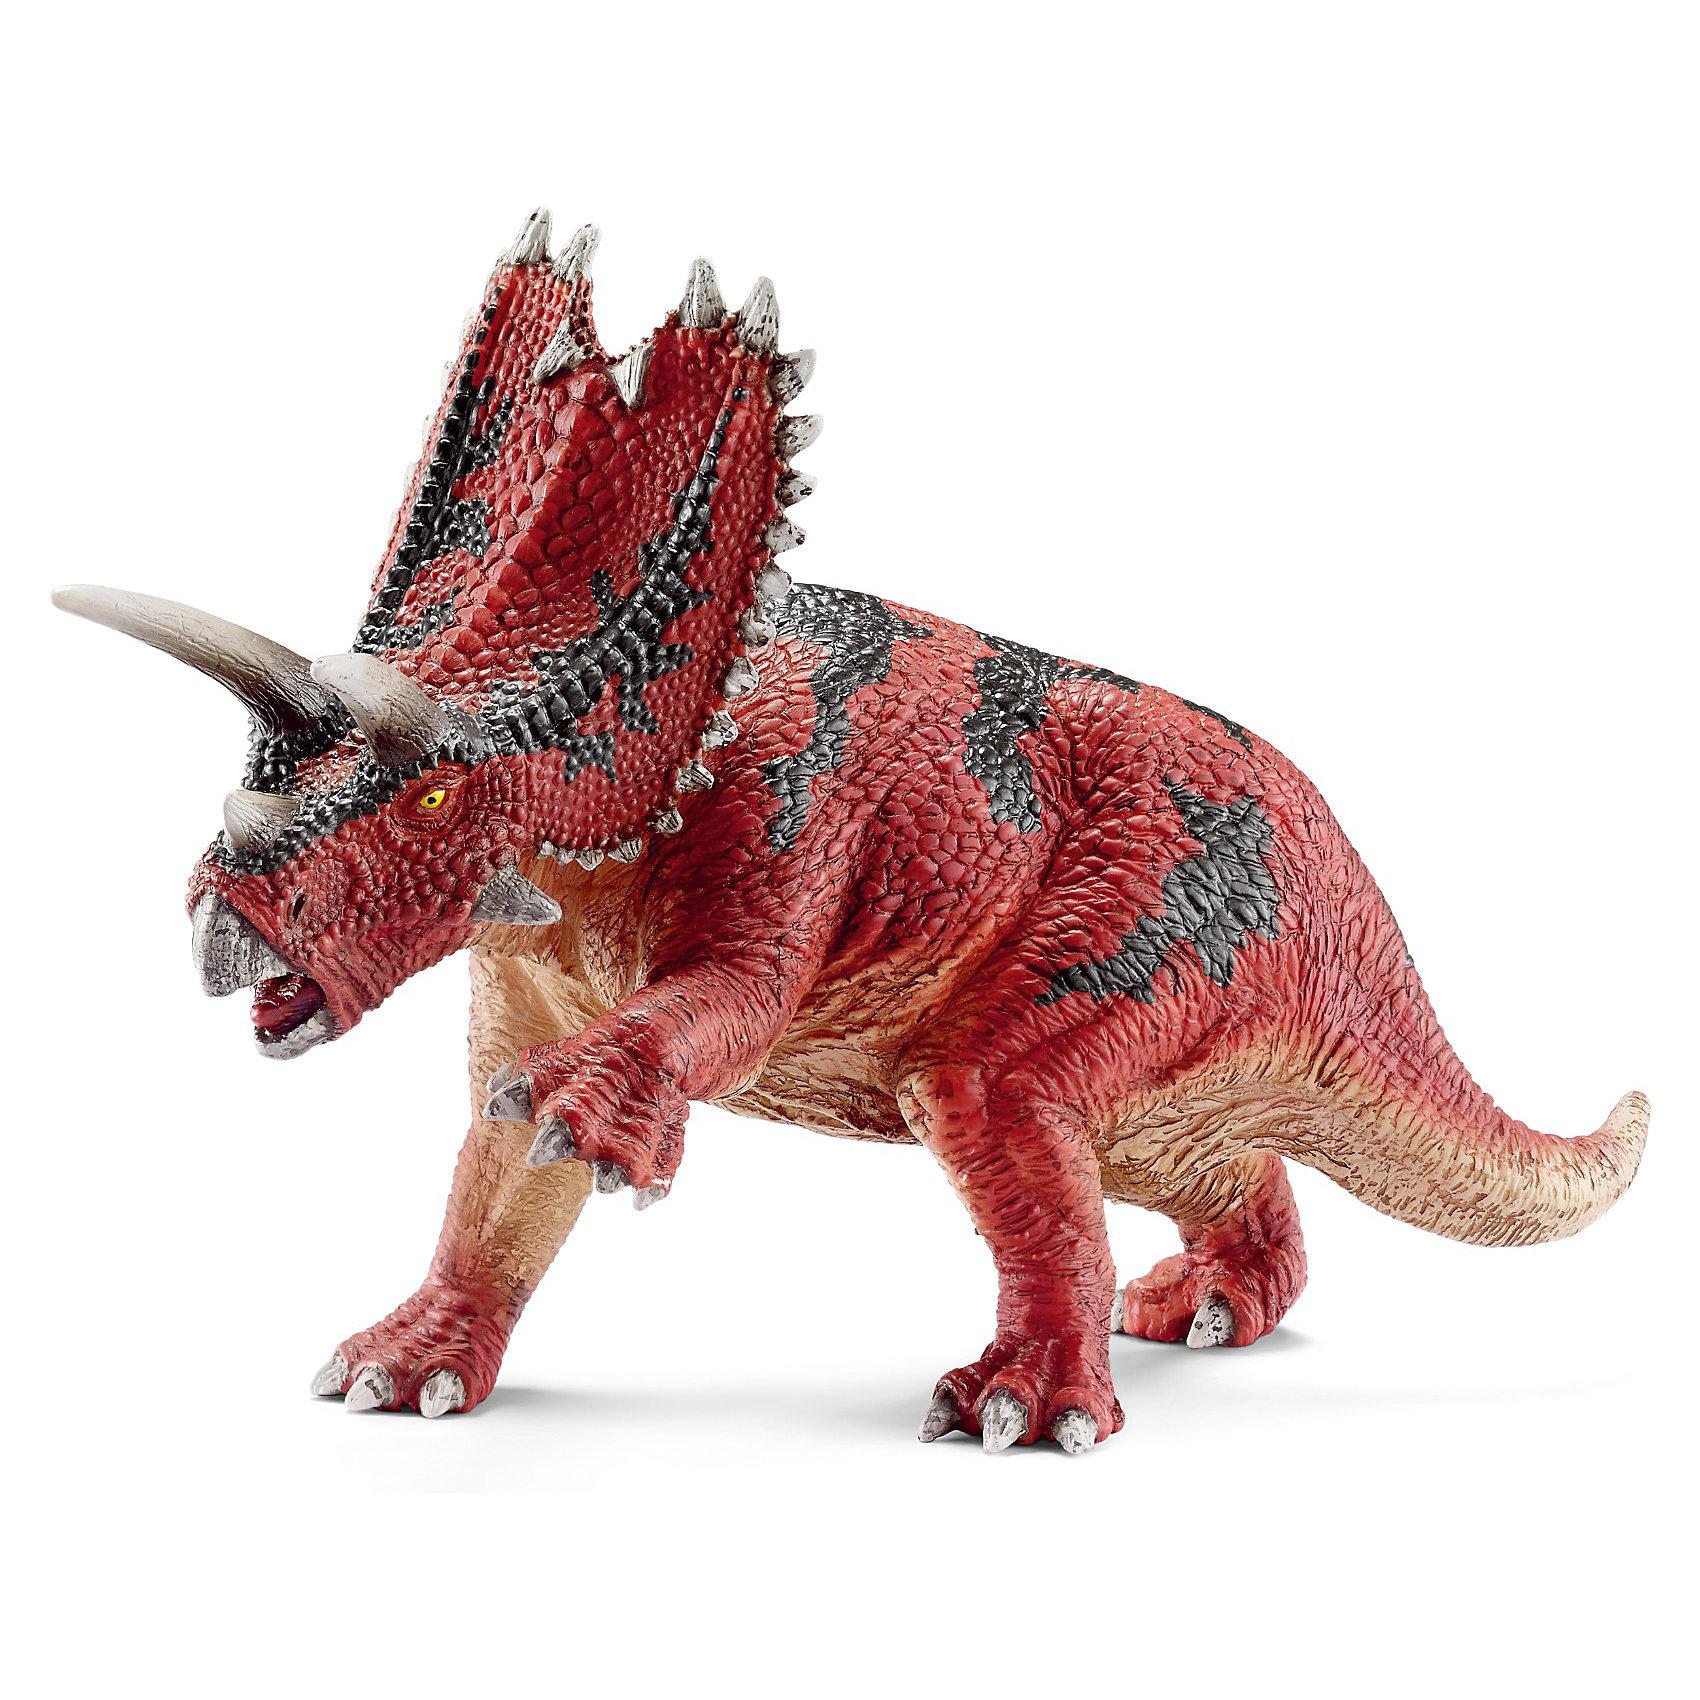 Паразавролопус, SchleichДраконы и динозавры<br>Мощная фигура доисторического динозавра Пентацератопс, представленная немецкой компанией Schleich (Шляйх) в виде готового к нападению животного яркого цвета, порадует всех поклонником миниатюрных фигурок и любителей самых древних обитателей планеты.<br><br>Красочный динозавр с крупным телом и большой головой с выступающими рогами производит впечатление очень опасного животного. Считается, что его череп, который достигал 3 метров в длину, был самым крупным среди хищных динозавров.<br><br>Фигурка доисторического животного от Schleich (Шляйх) создана с точной и детальной передачей всех особенностей строения и внешнего вида. Все фигурки раскрашены вручную, что придает им реалистичный вид и качественное исполнение. Всех поклонников Schleich (Шляйх) порадует грозный динозавр, прекрасно вписывающийся в уникальную коллекцию реалистичных персонажей.<br><br>Дополнительная информация:<br><br>Материал: каучуковый пластик<br>Размеры: 18 x 7 x 11,7 см<br>Вес игрушки - 221 грамм.<br><br>Паразавролопуса, Schleich (Шляйх) можно купить в нашем магазине.<br><br>Ширина мм: 200<br>Глубина мм: 116<br>Высота мм: 73<br>Вес г: 255<br>Возраст от месяцев: 36<br>Возраст до месяцев: 96<br>Пол: Мужской<br>Возраст: Детский<br>SKU: 3539485